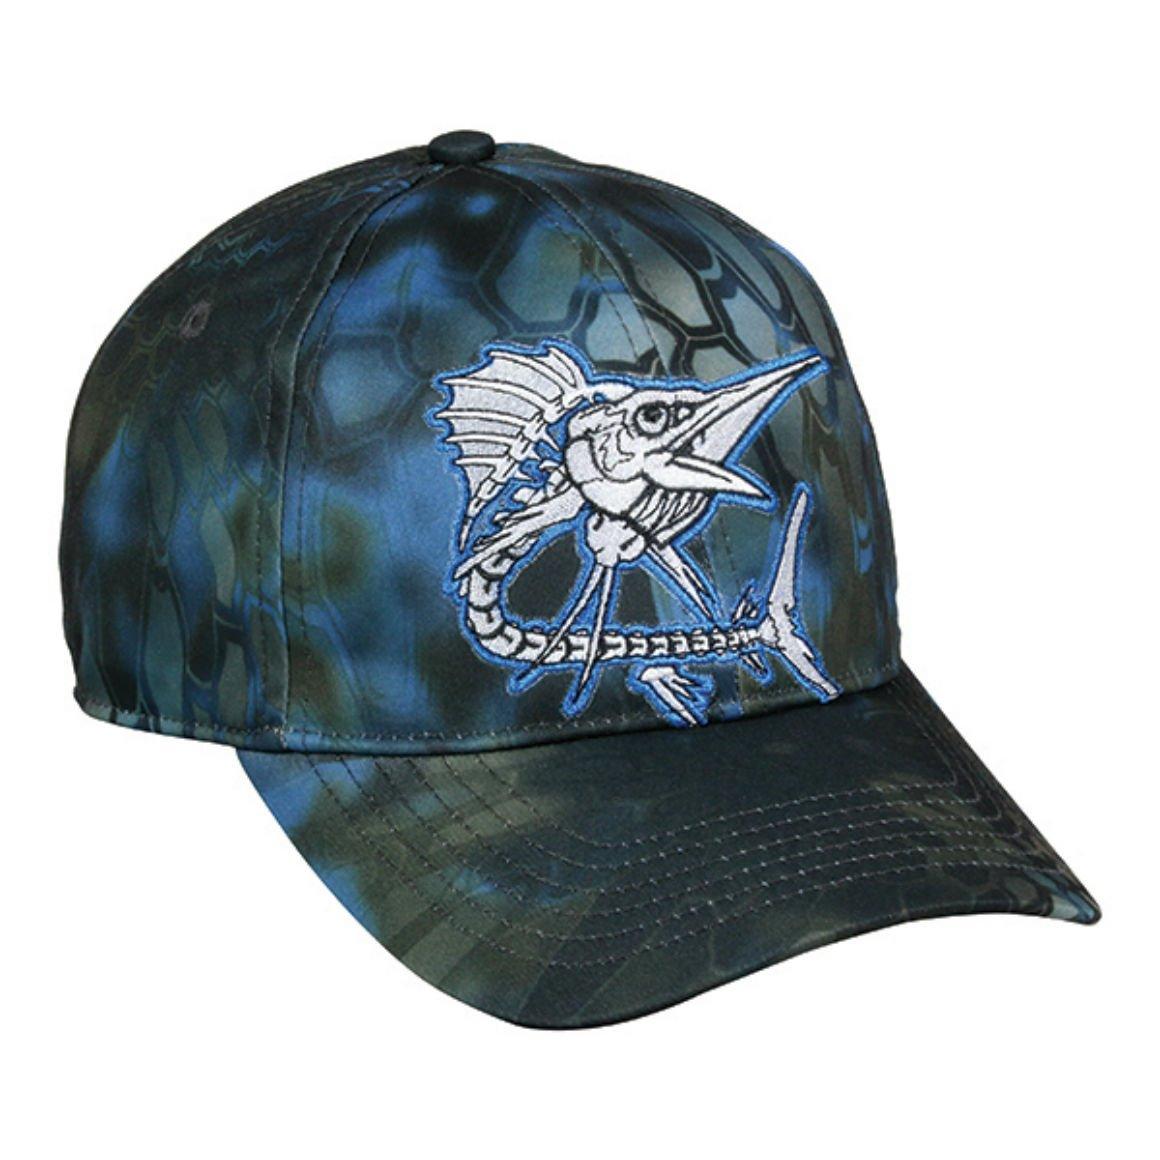 NEW Calcutta Outdoor Cap Bone Hunting Cap             Blue